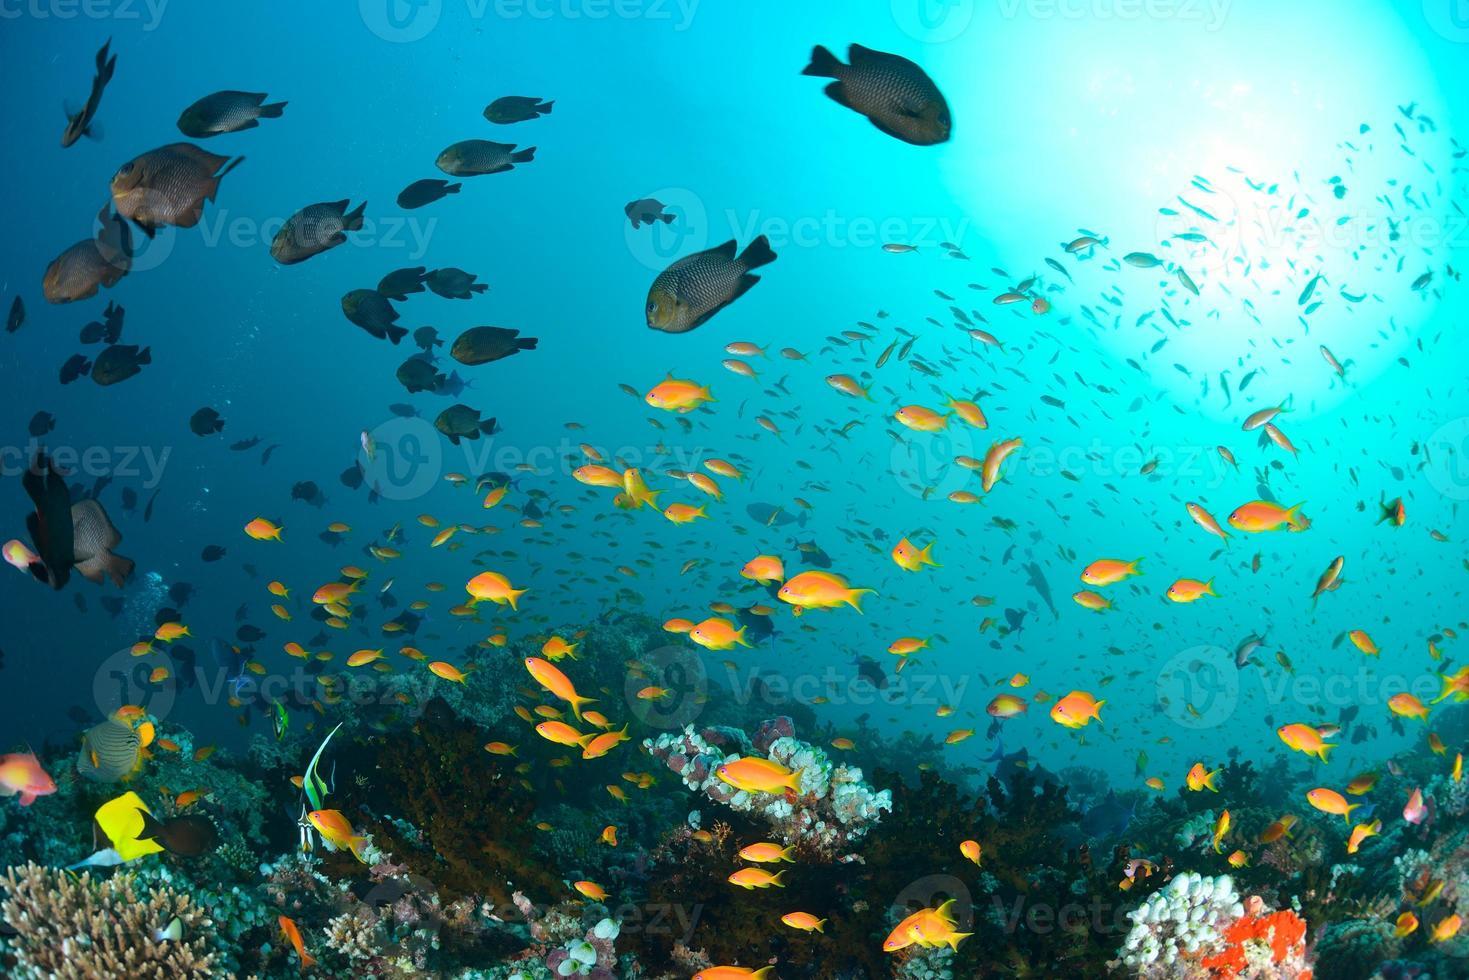 prachtige oceaan en vissen foto